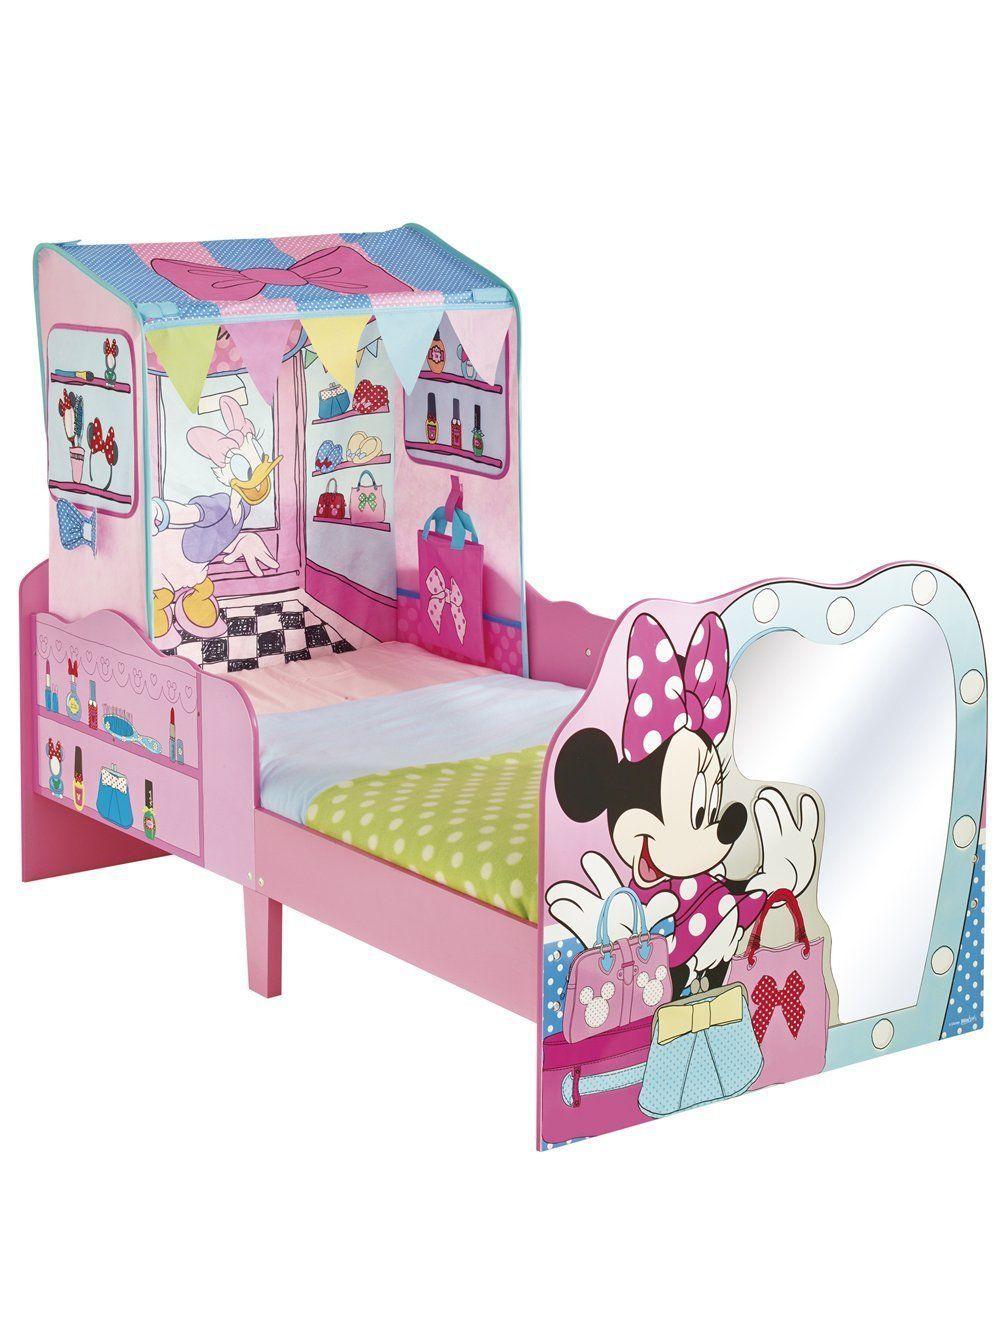 - Stabiles MDF-Kinderbett, Im Style Von Minnie's Bowtique Laden Ein